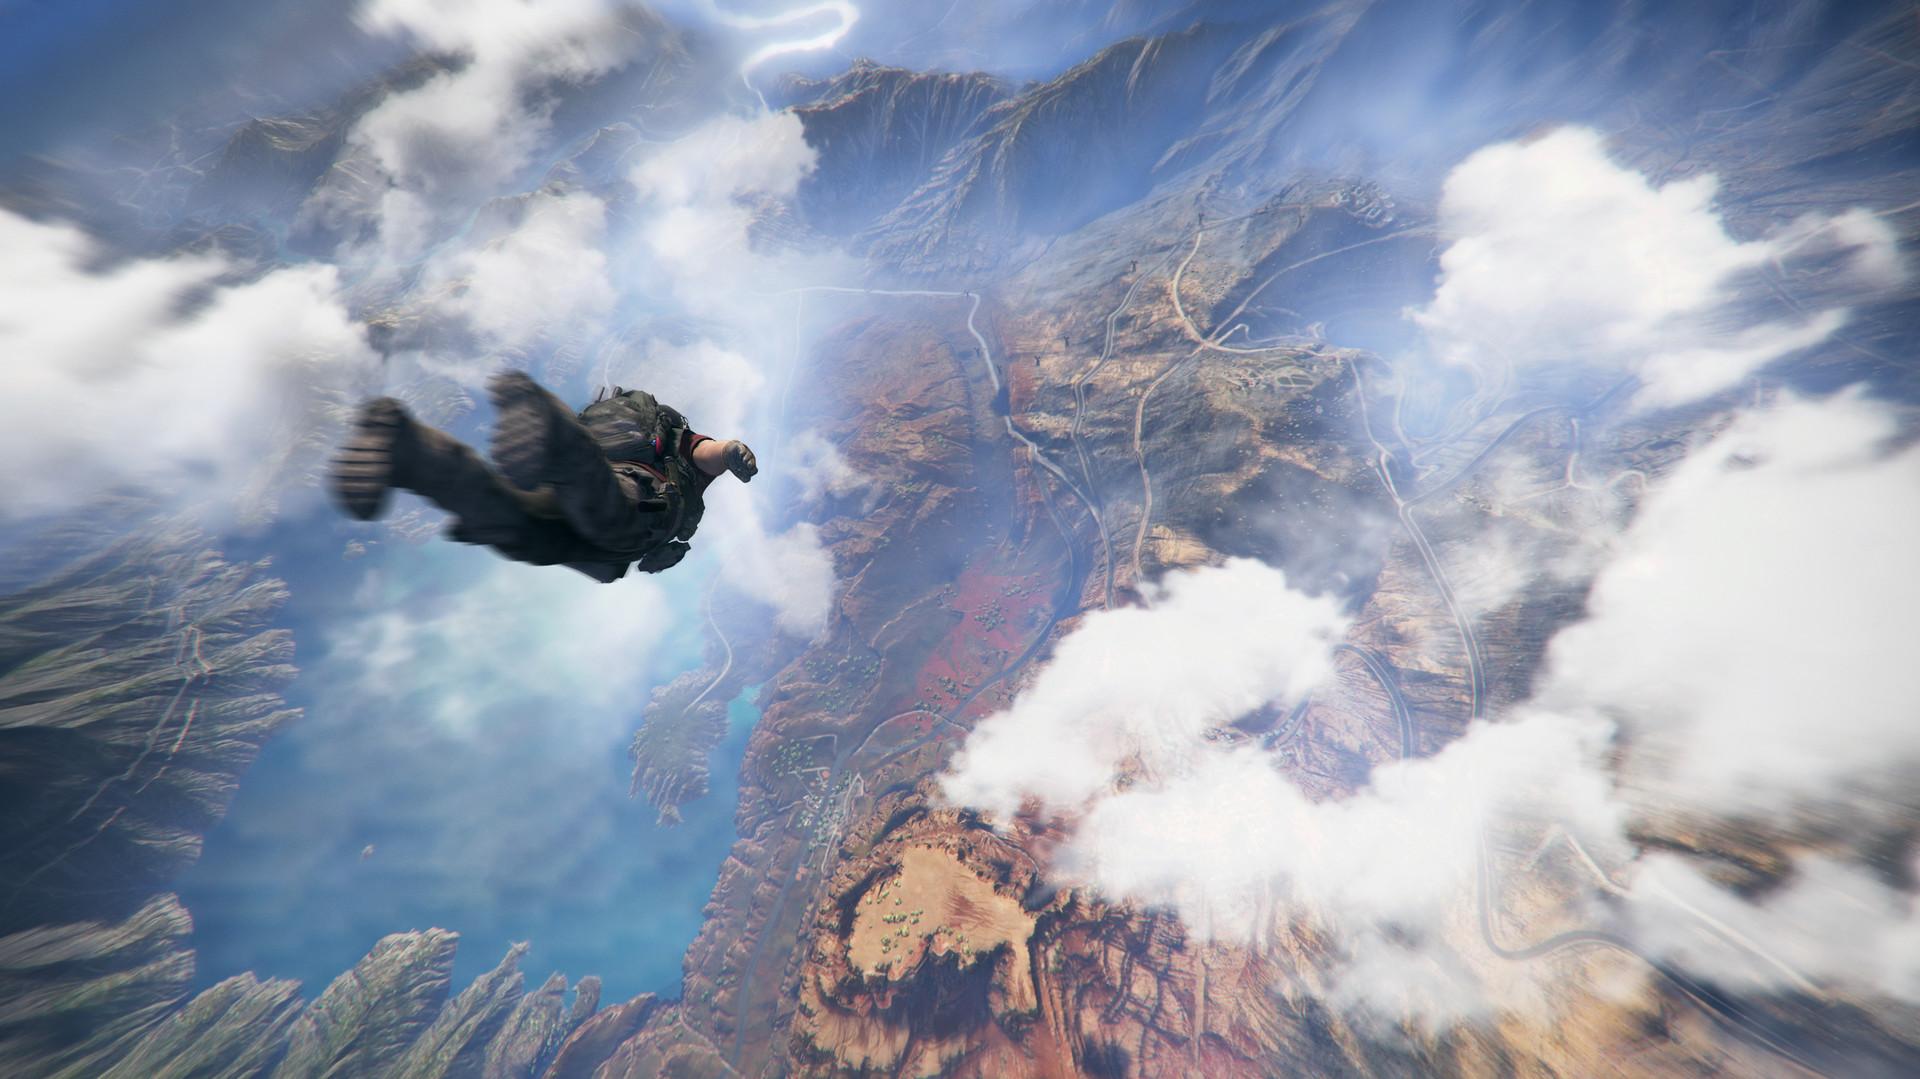 Tom Clancy's Ghost Recon Wildlands Screenshot 1